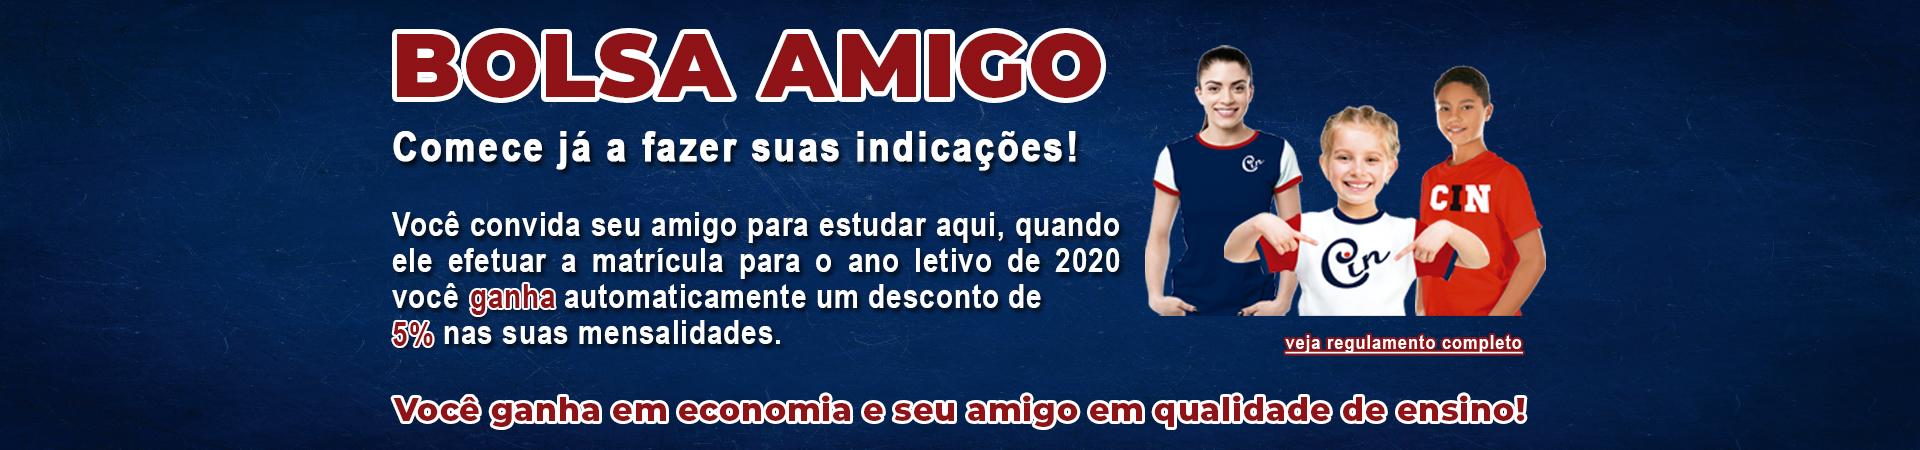 slide-bolsa-amigo-2020